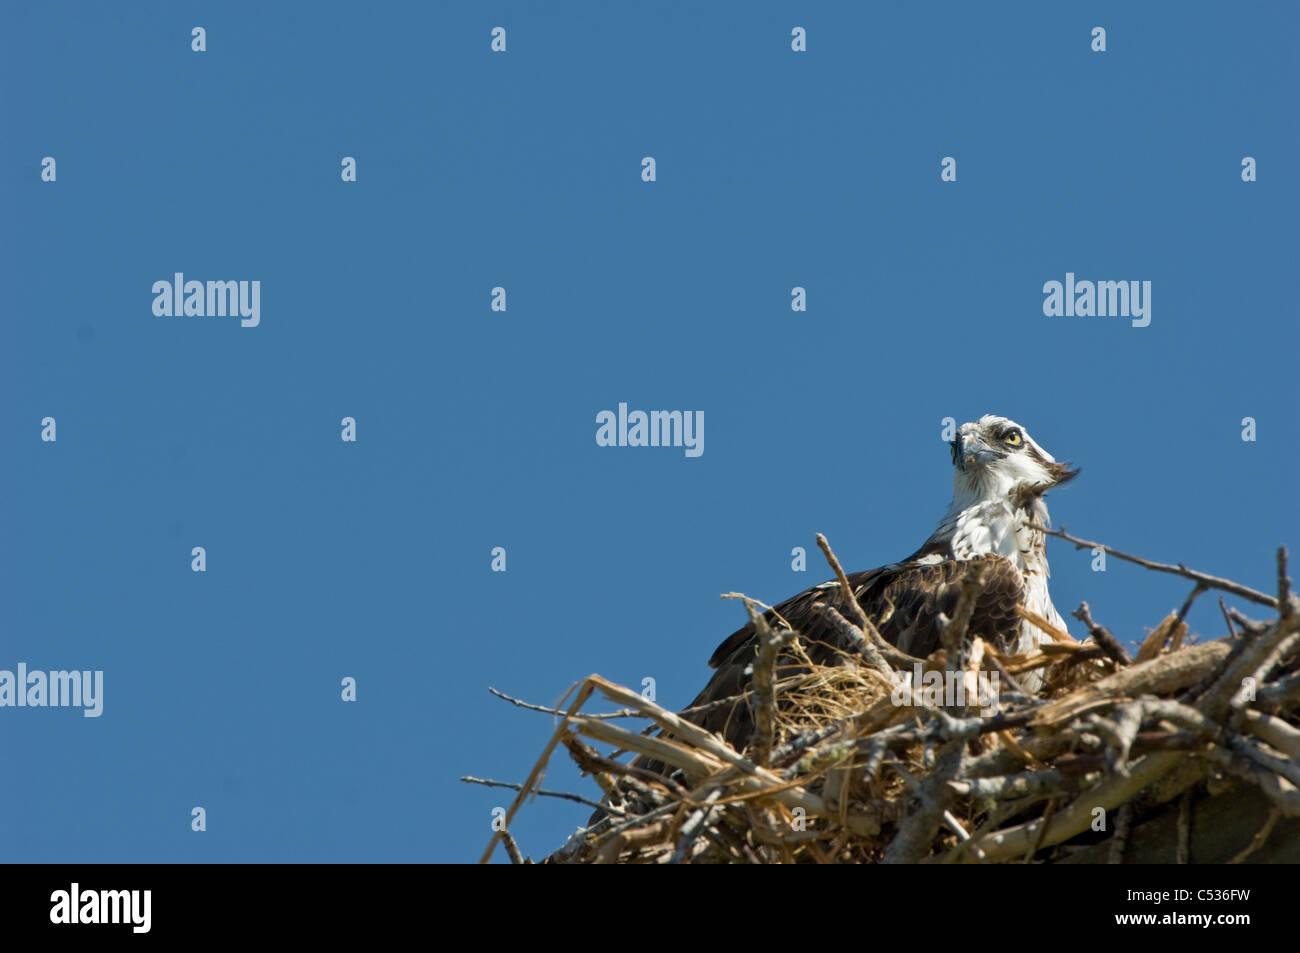 Osprey bird in nest - Stock Image